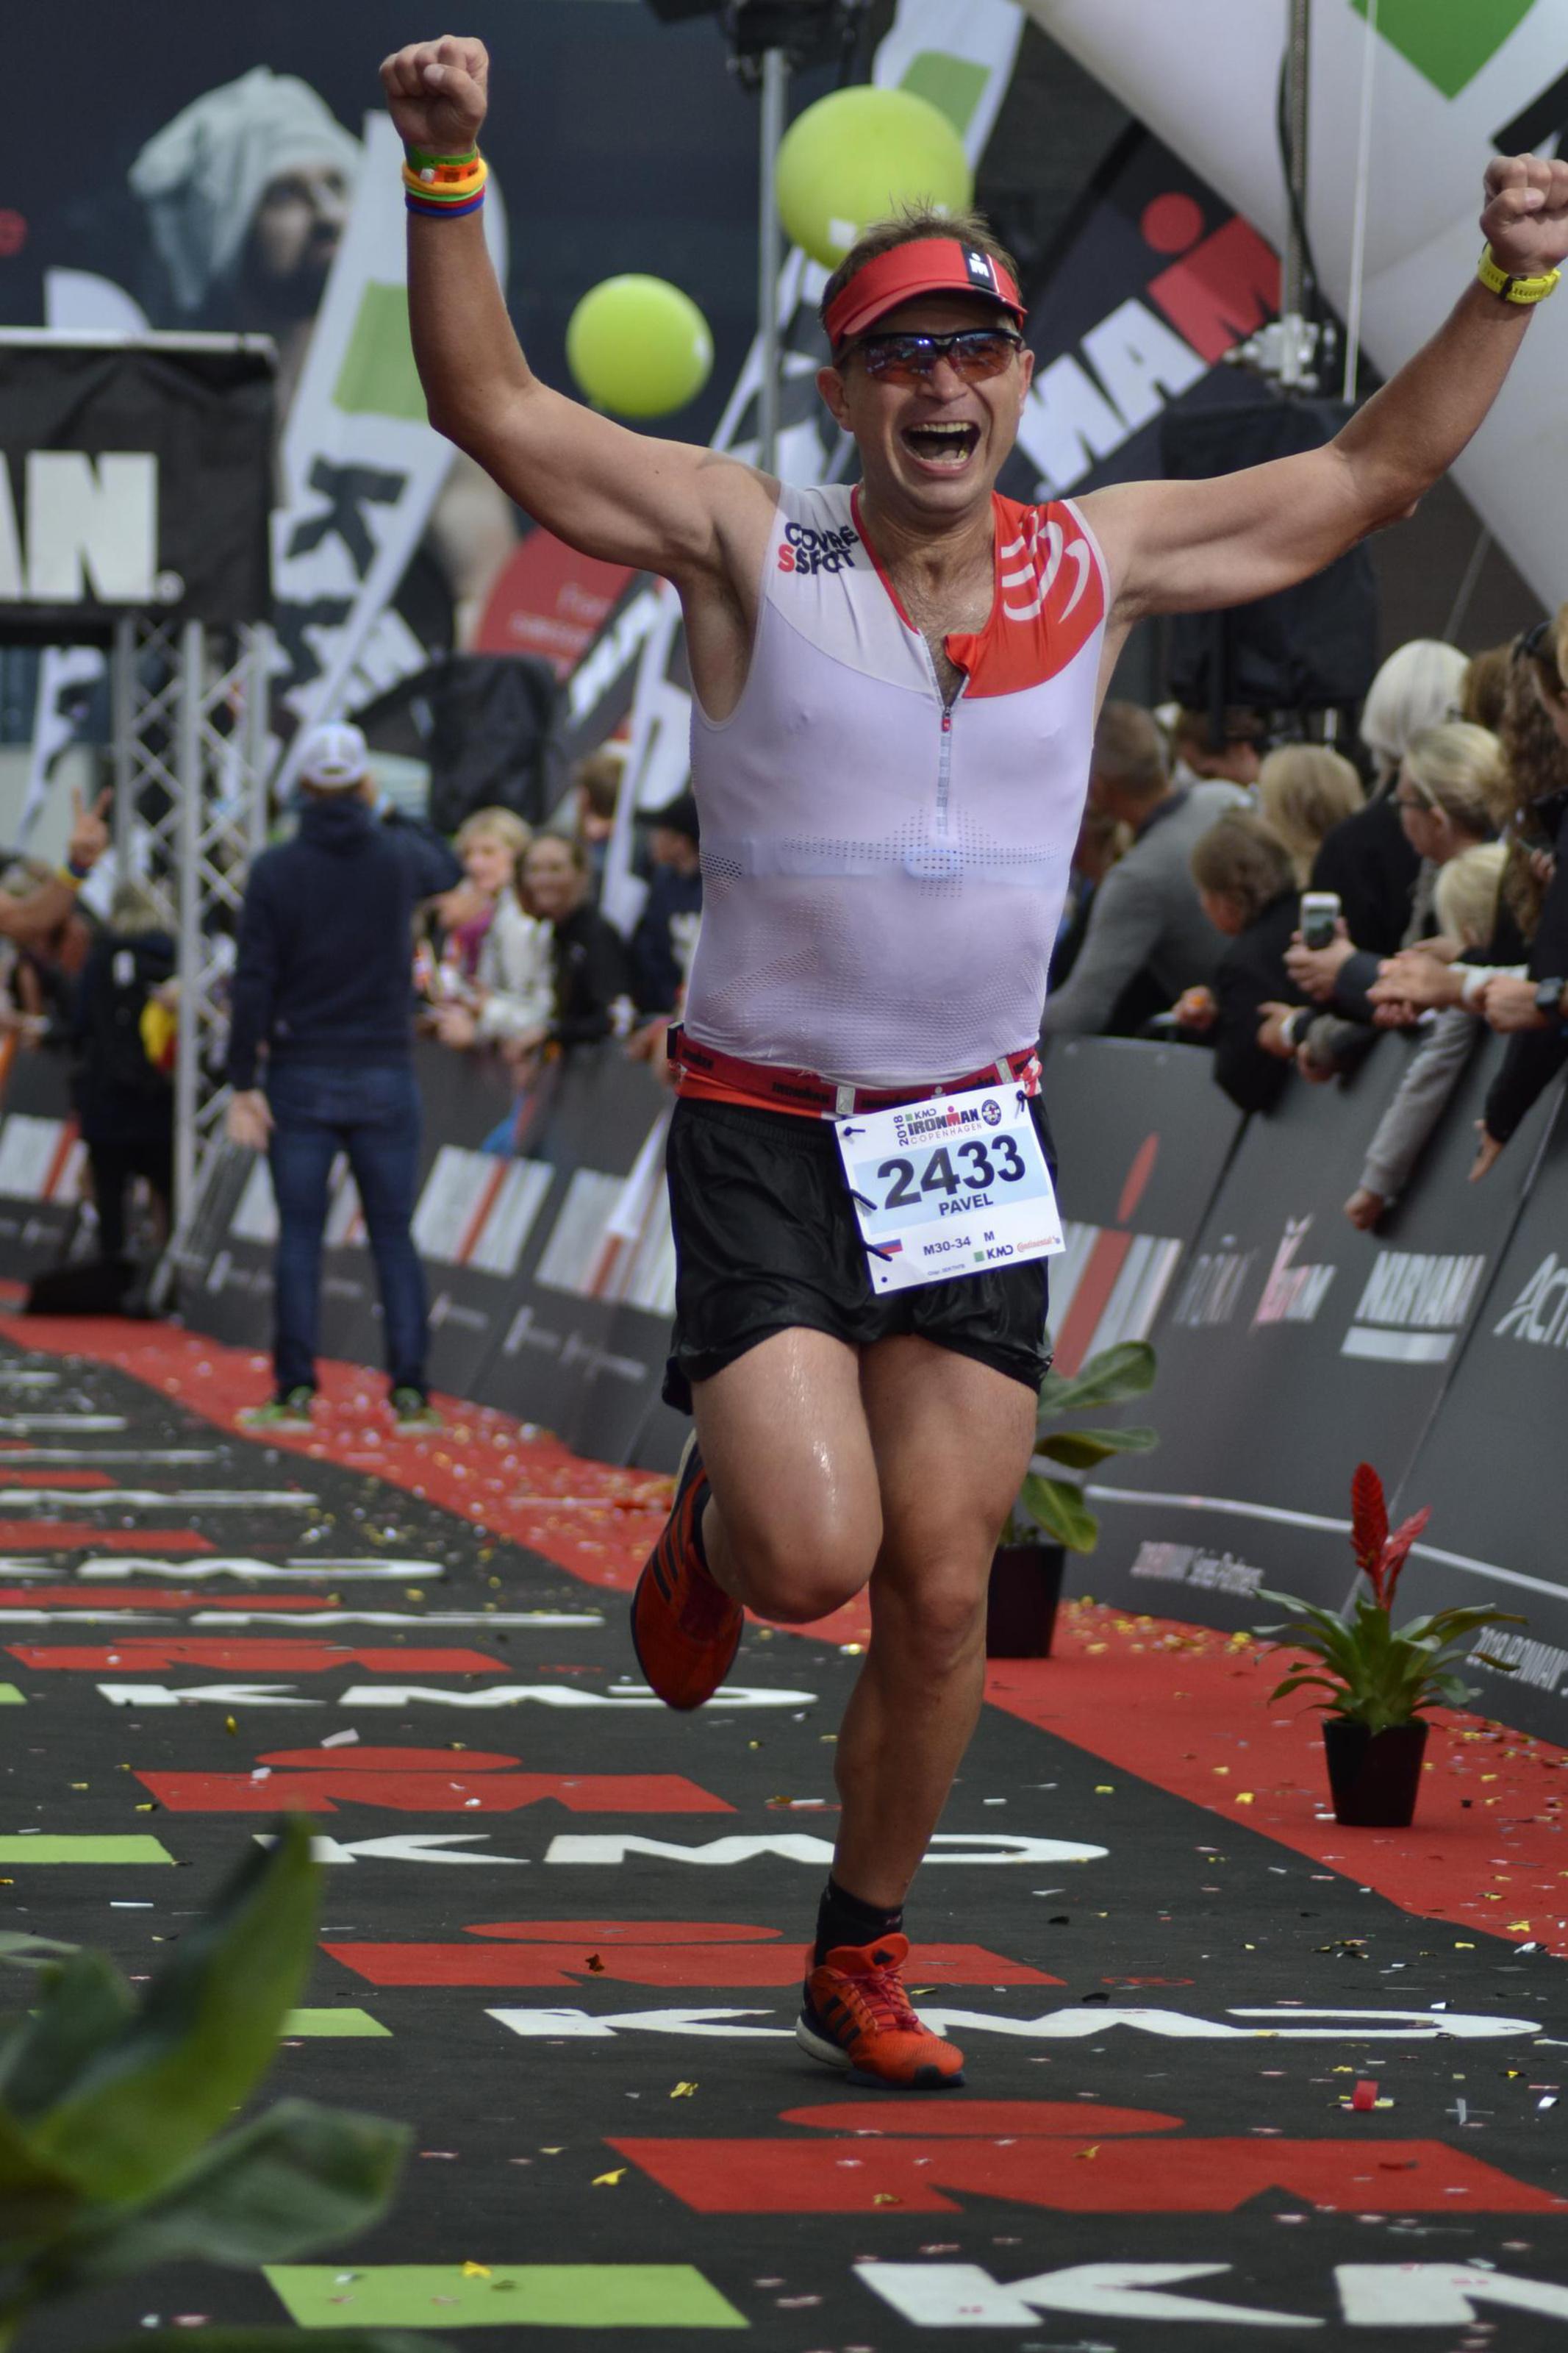 Финиш на Ironman Copenhagen